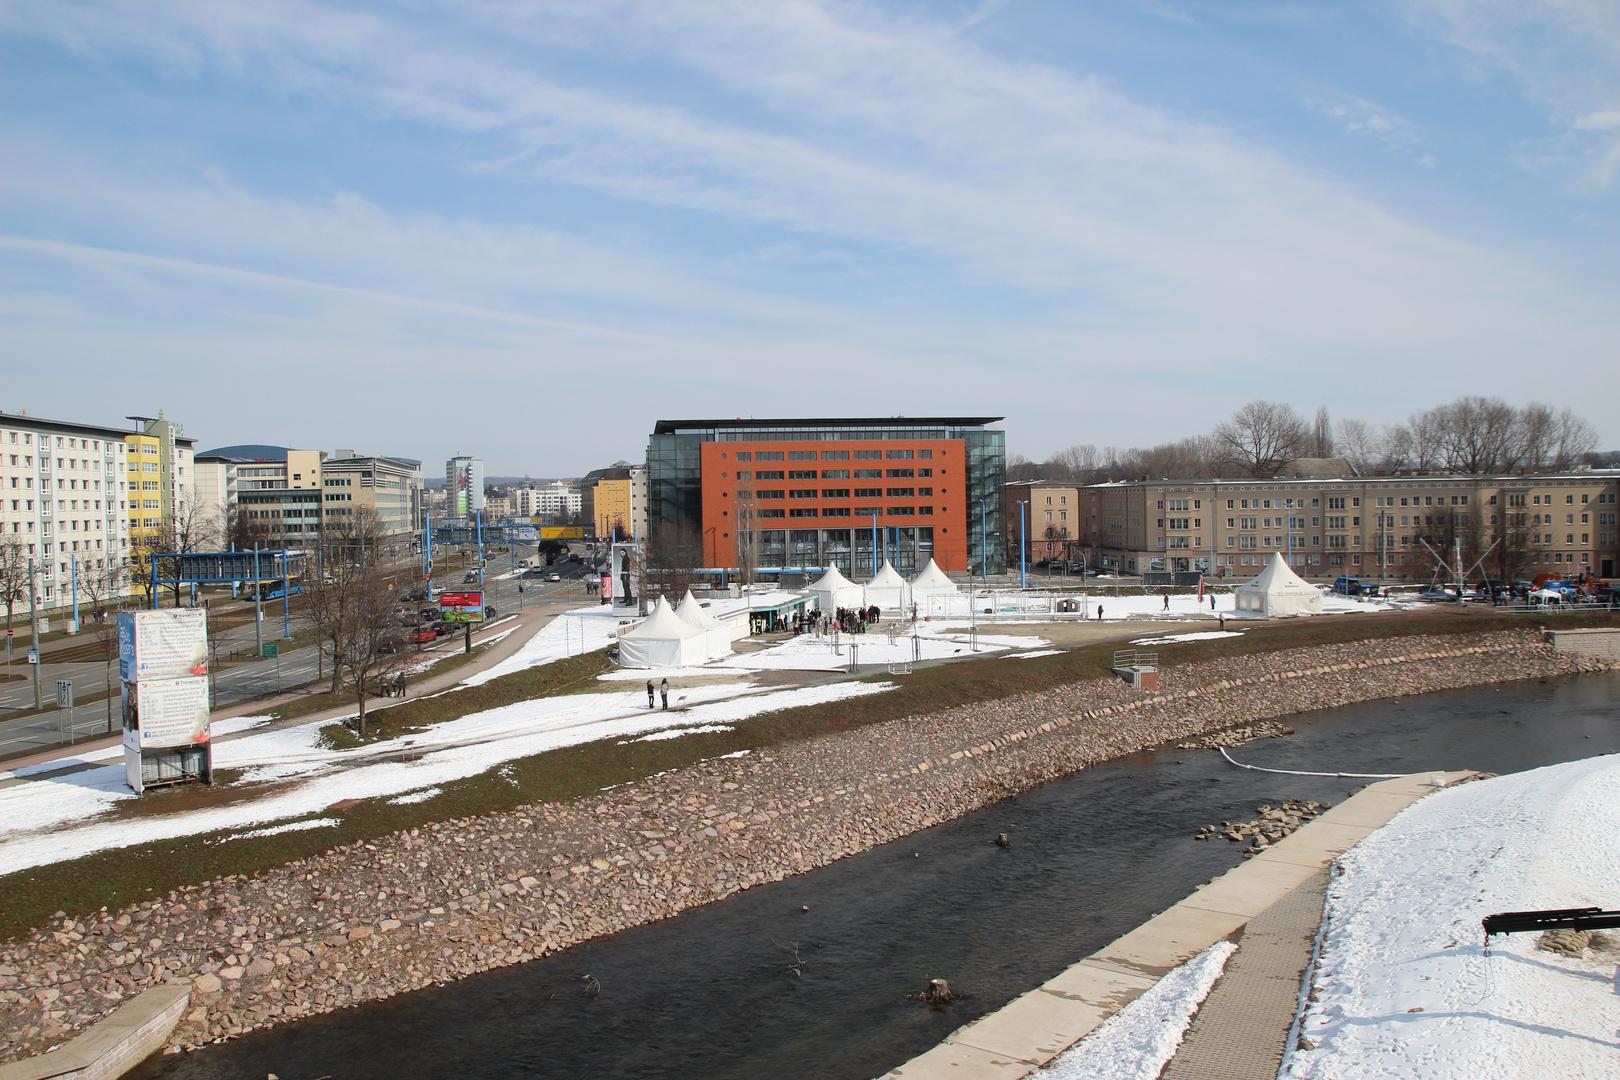 Blick auf den Fluss Chemnitz in Chemnitz